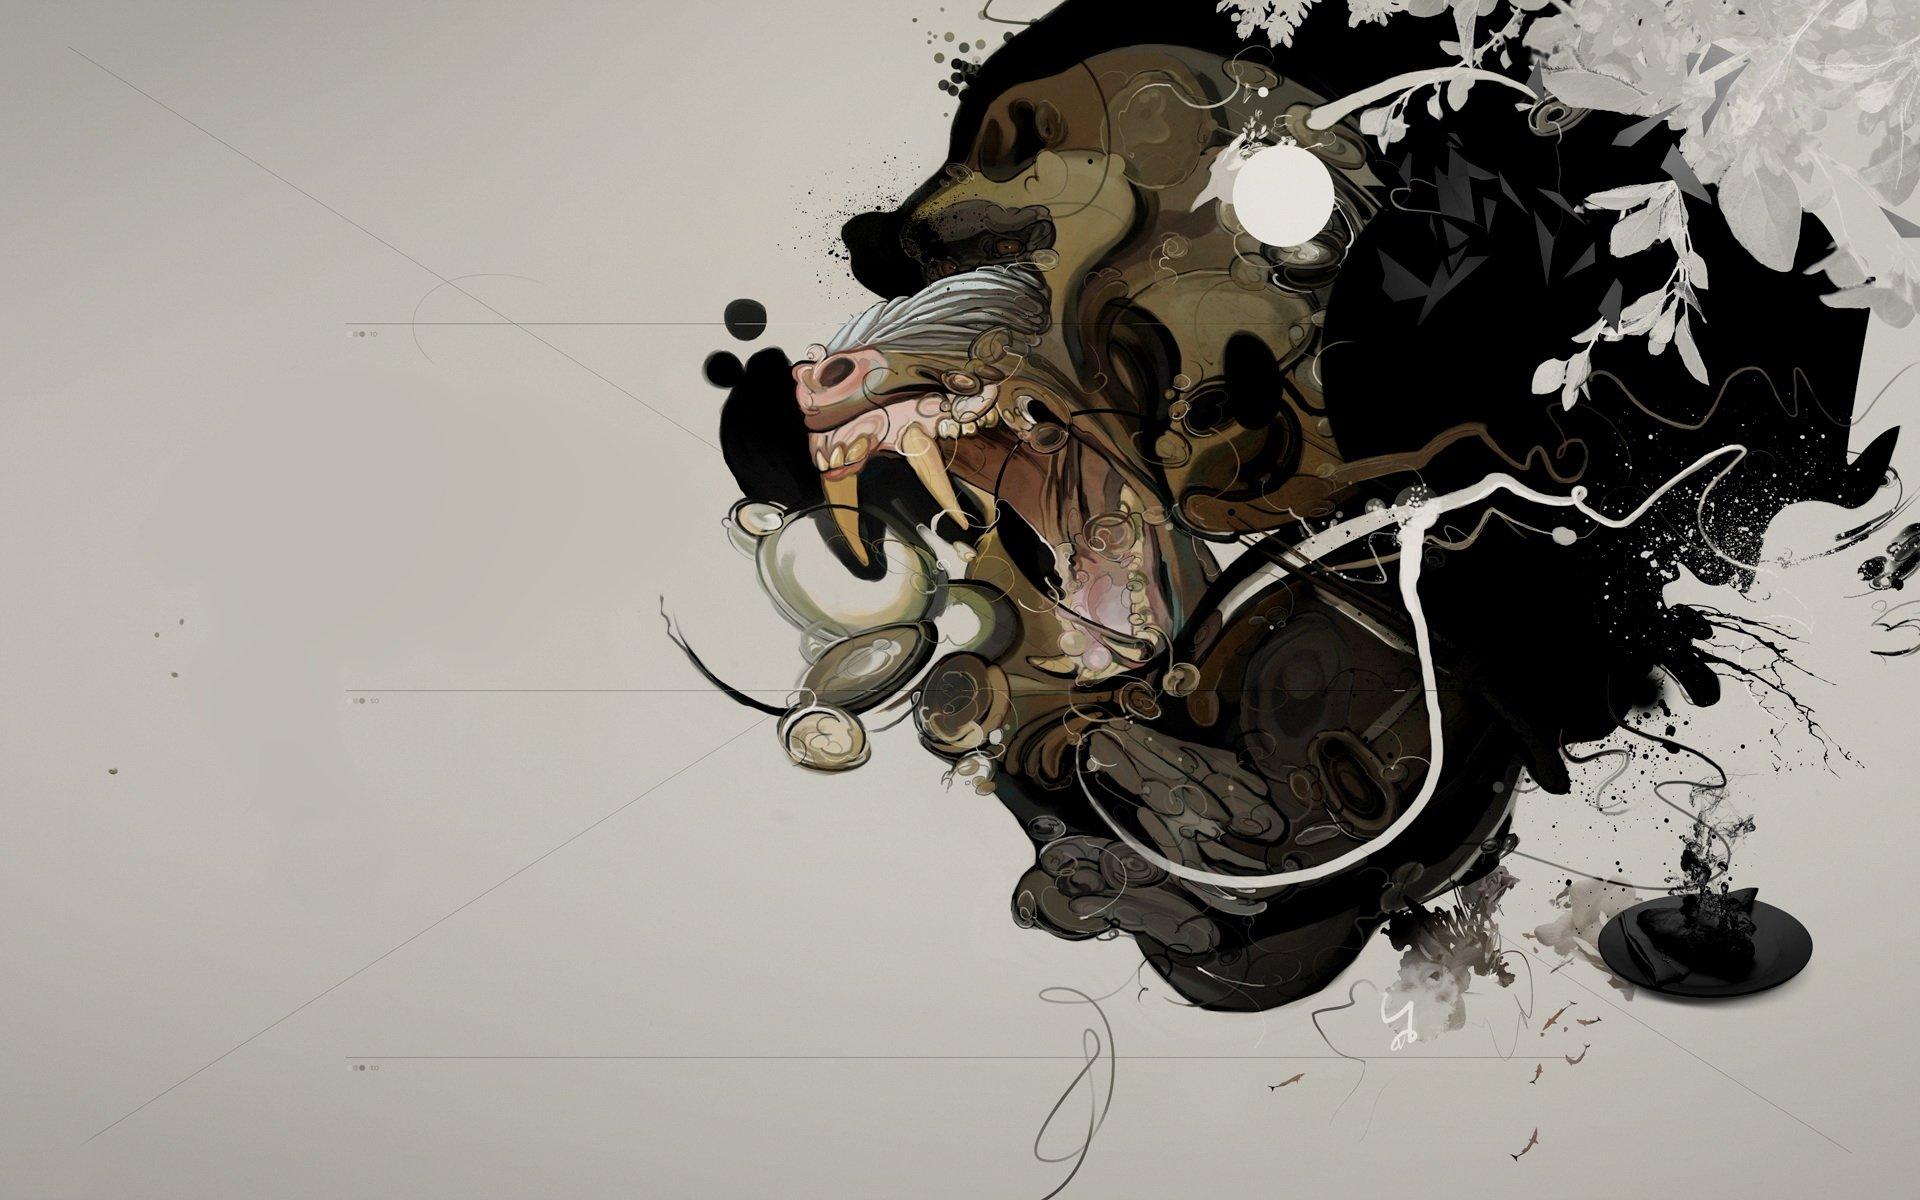 艺术 - 其他  壁纸